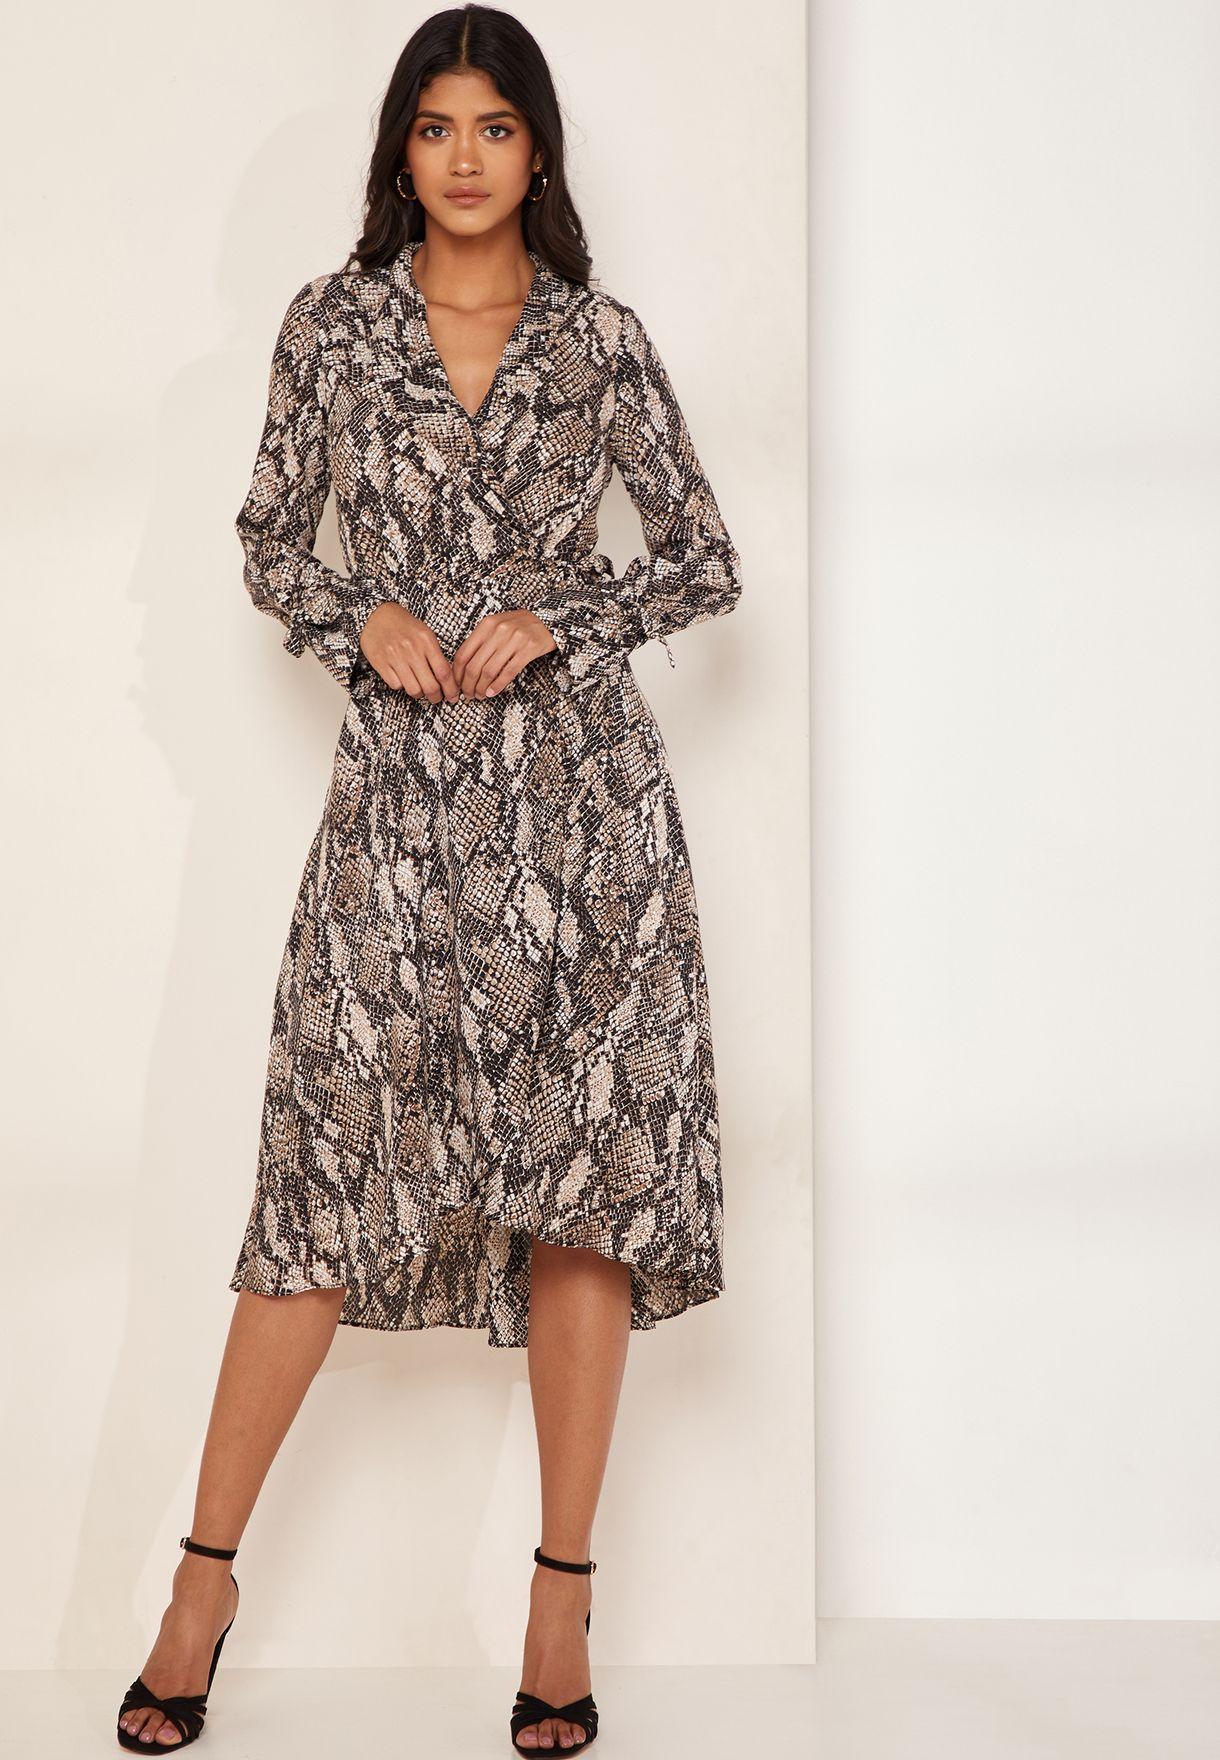 24fdb6e08d7 Shop Karen Millen animalprint Snake Print Wrap Midi Shirt Dress ...